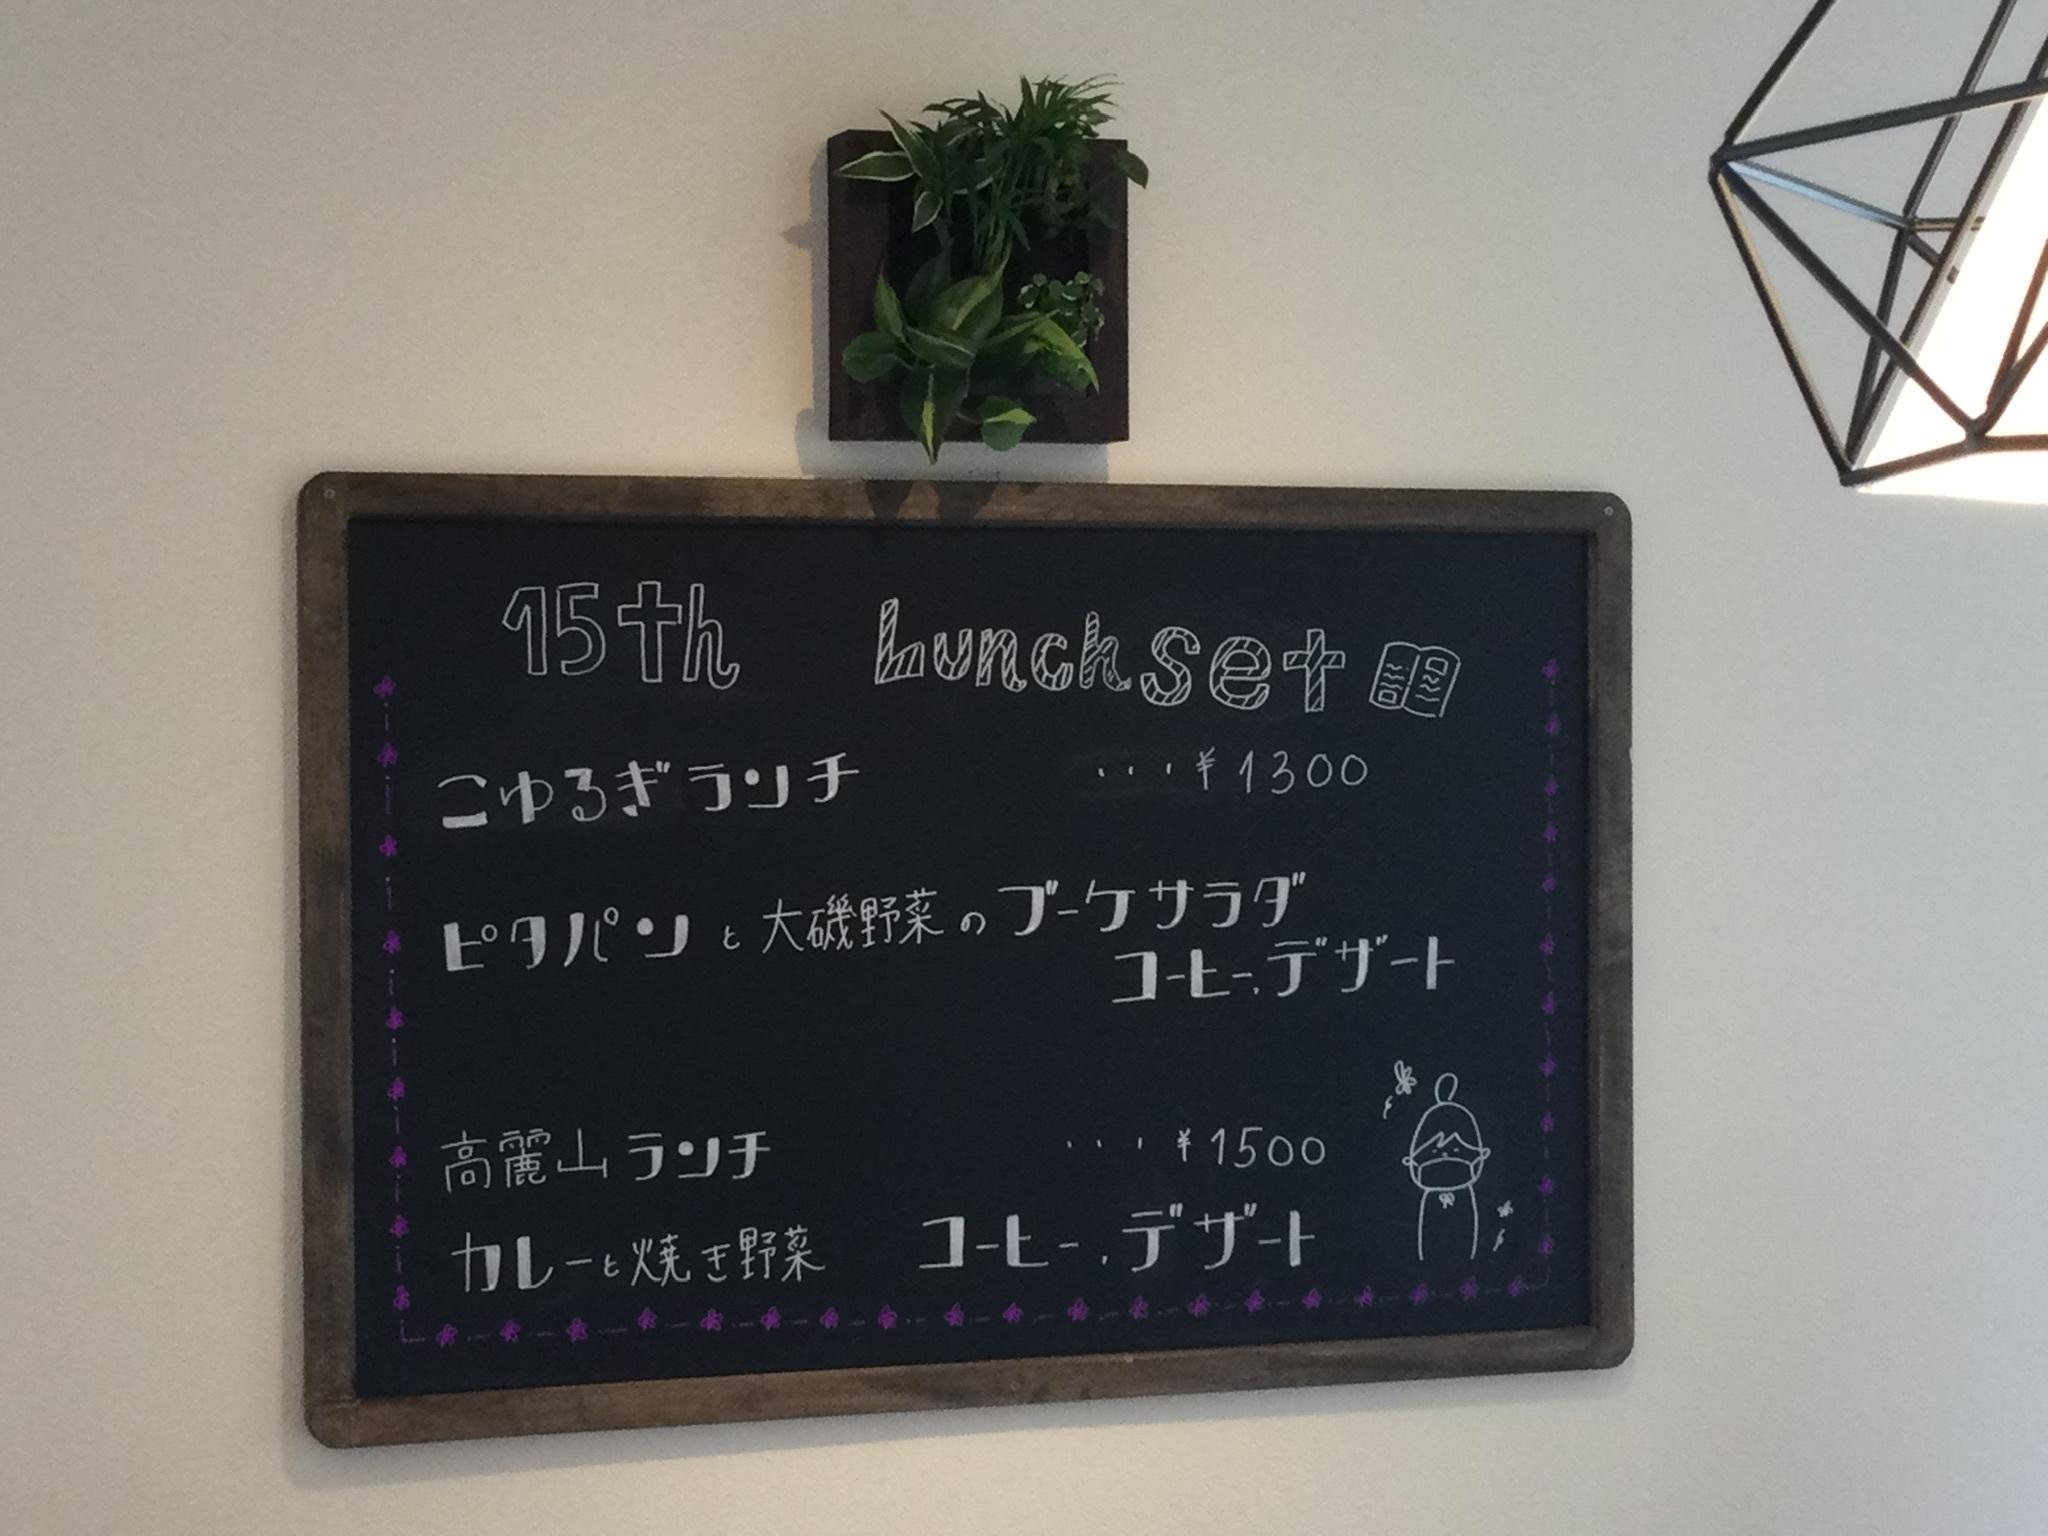 明日グランドオープン パン屋の富田(喫茶店です)_e0071324_21103368.jpeg